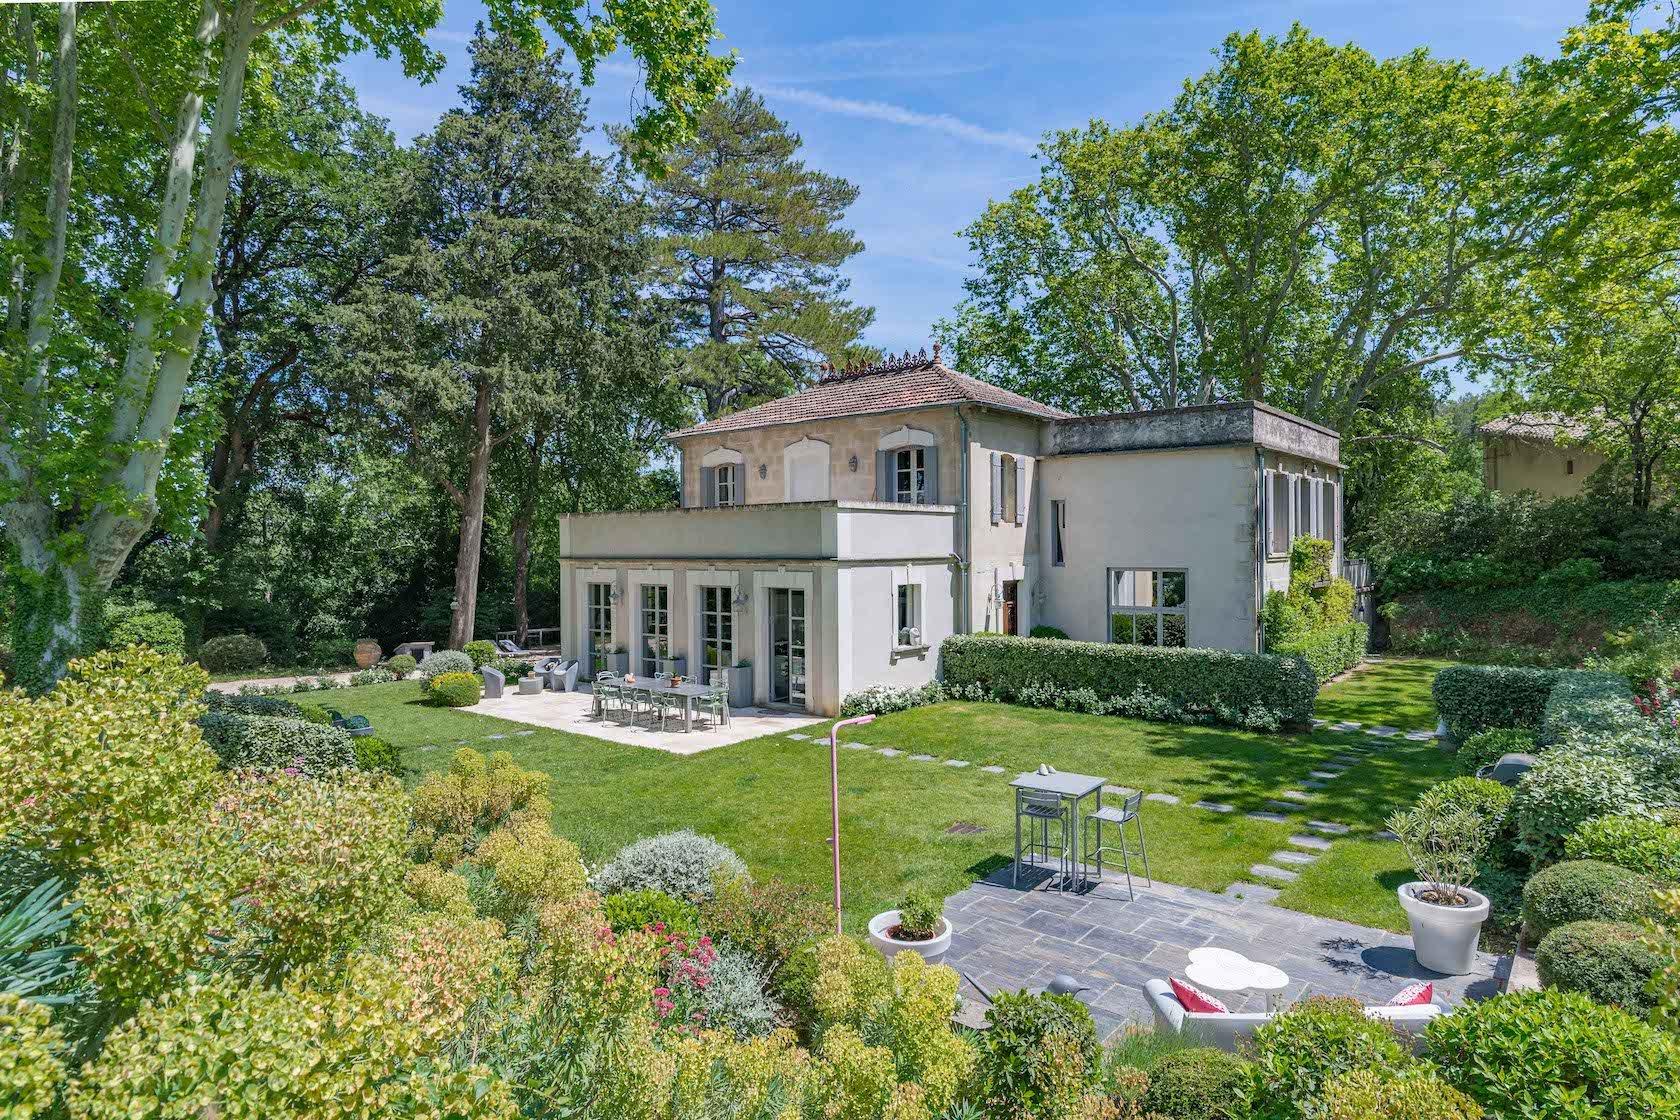 Villas for Sale - A3025155